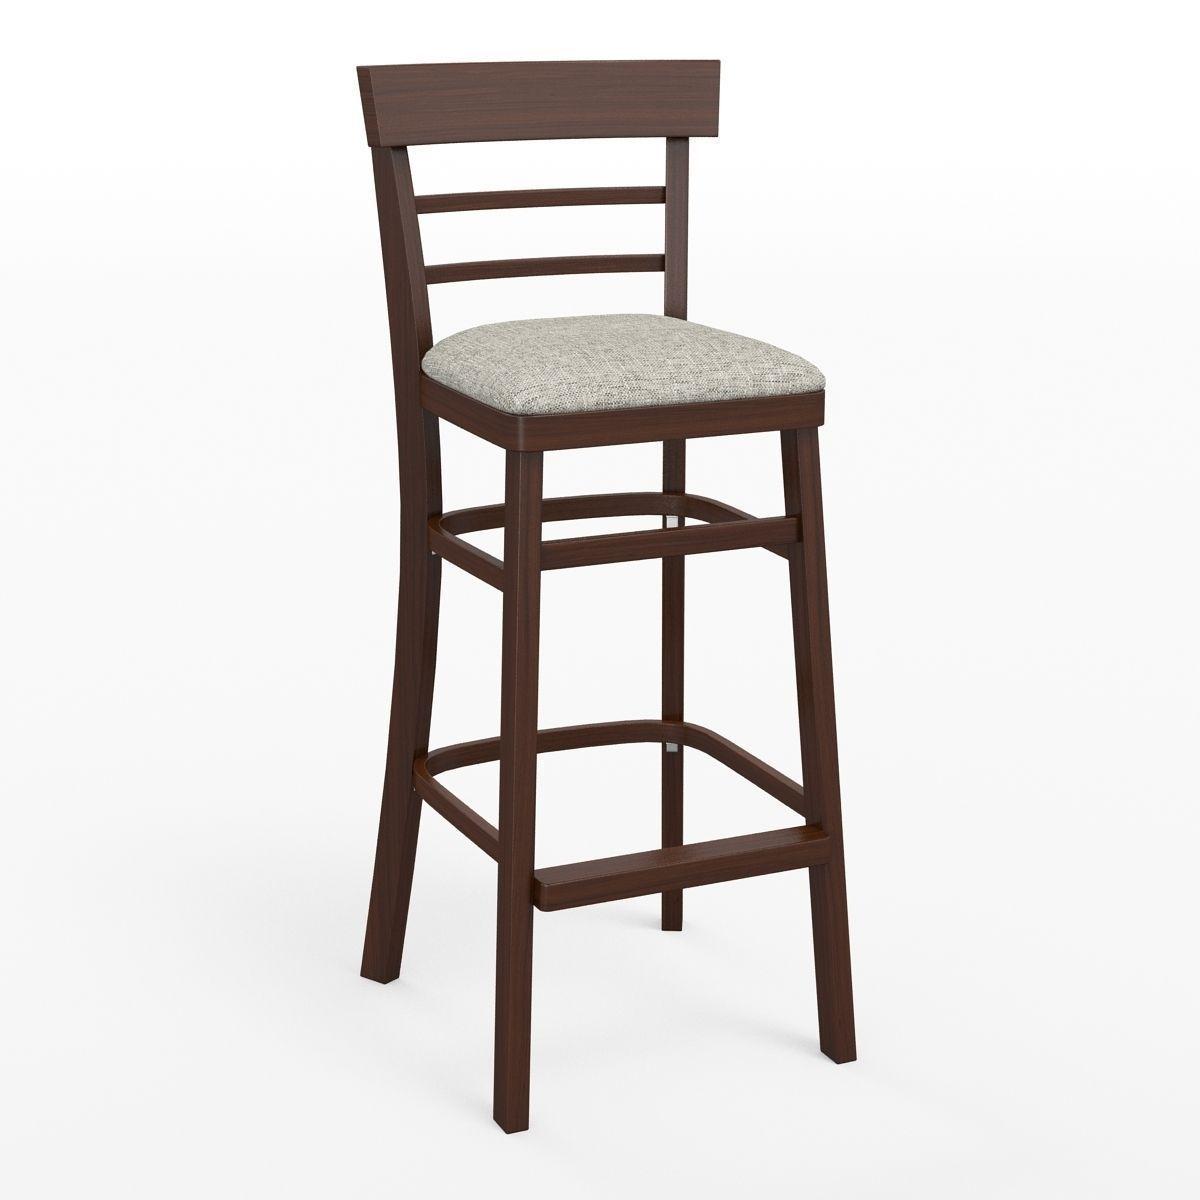 Wooden bar chair - Wooden Bar Stool 3d Model Max Obj Fbx 1